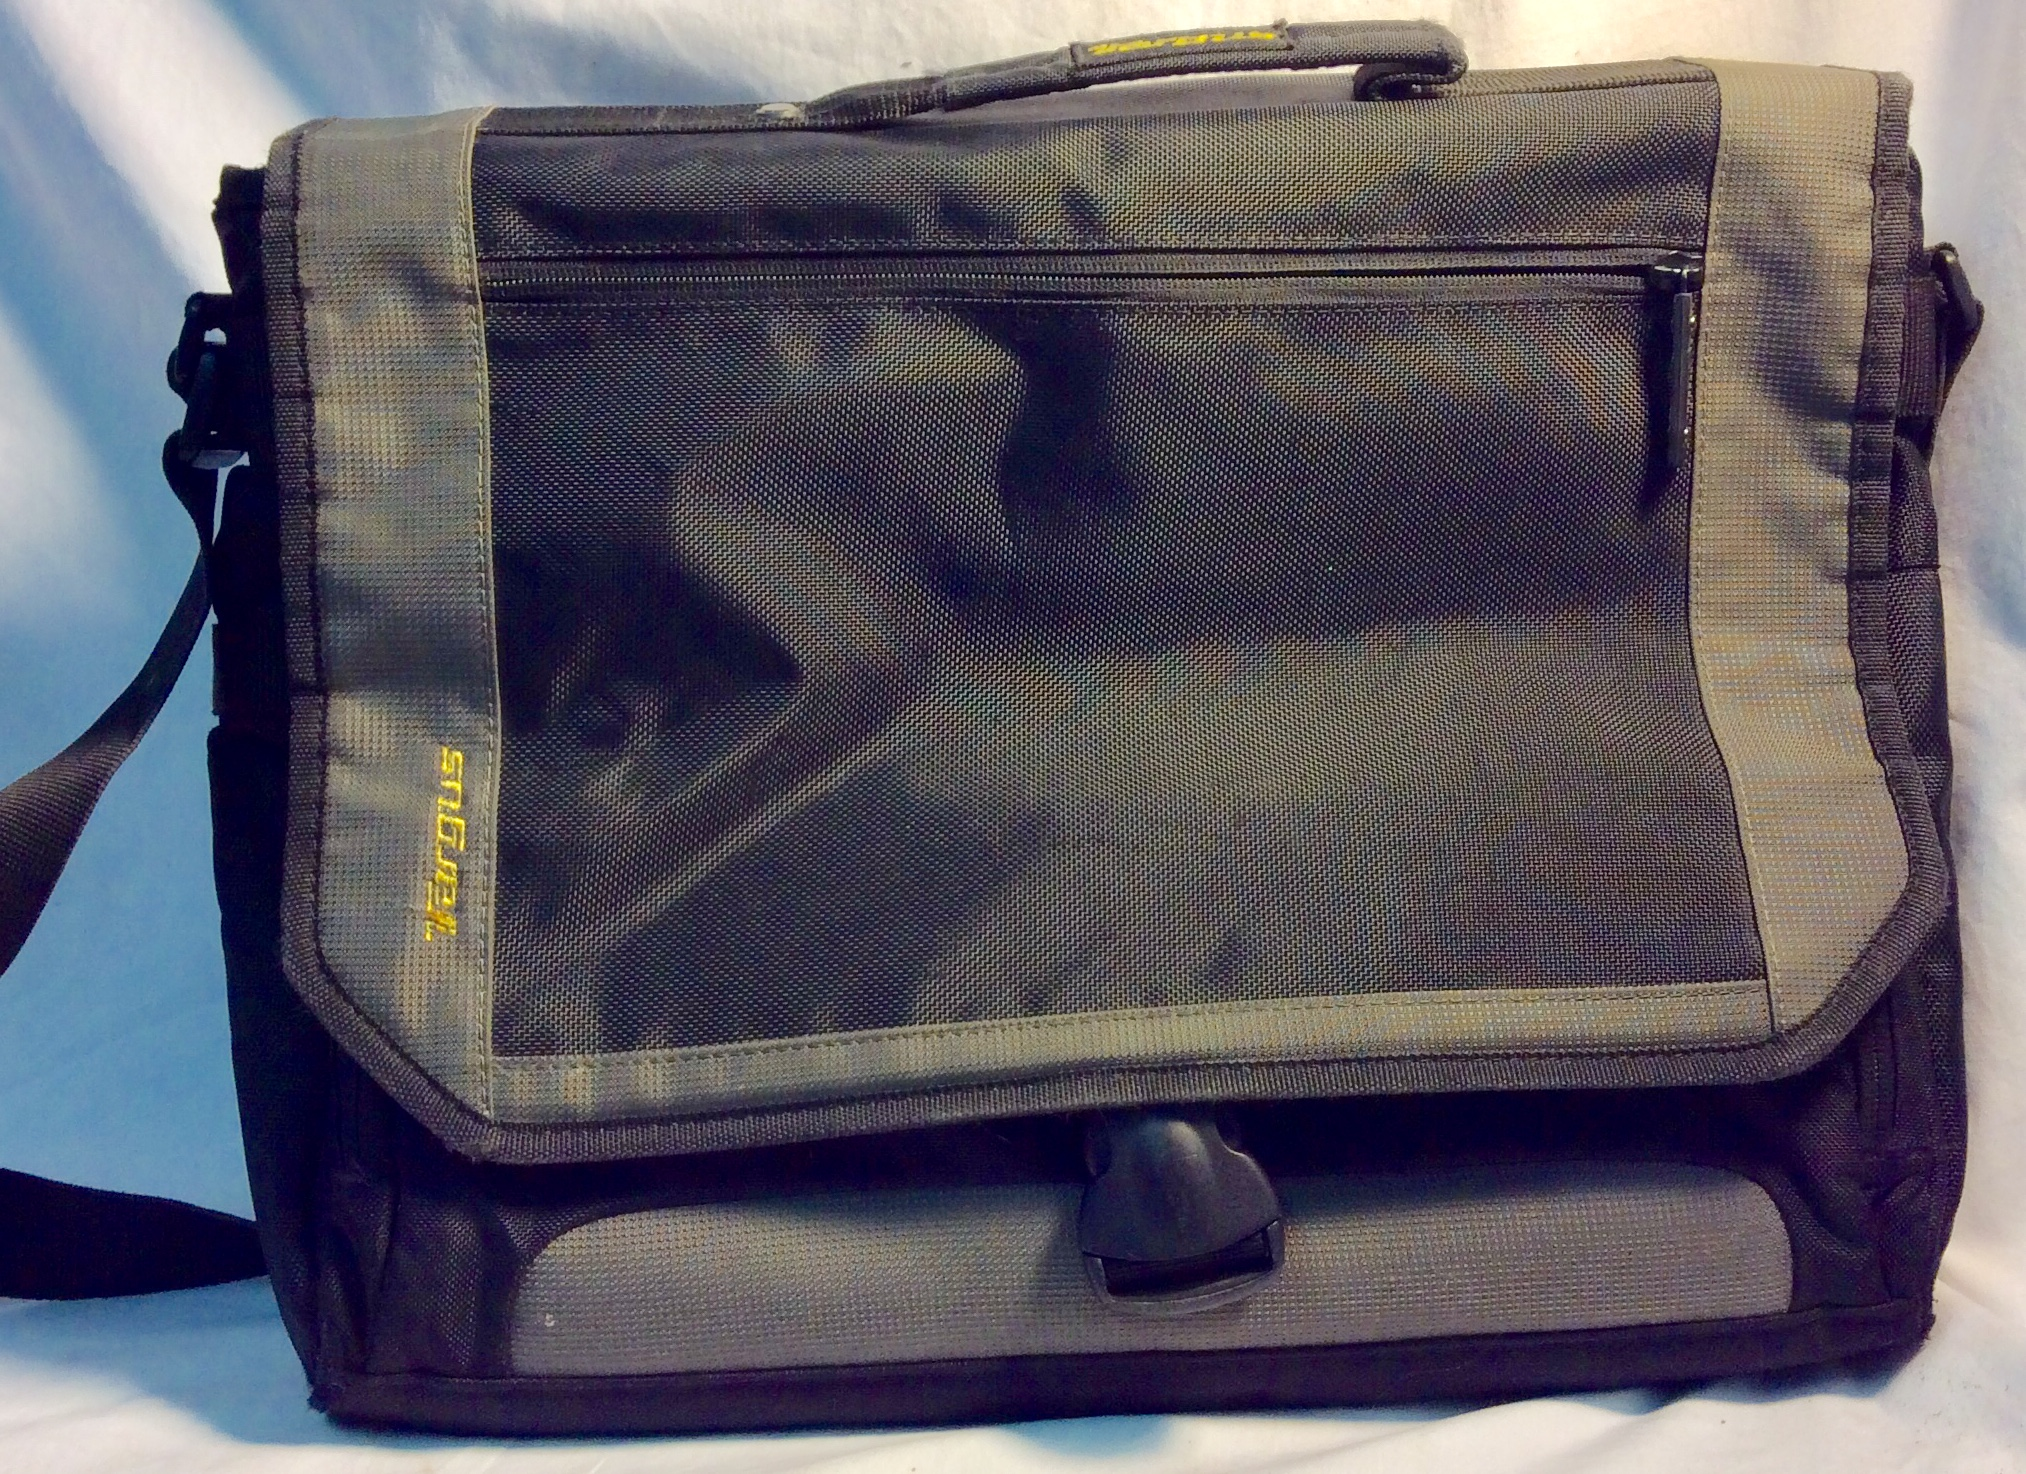 Targus Black nylon laptop messenger bag